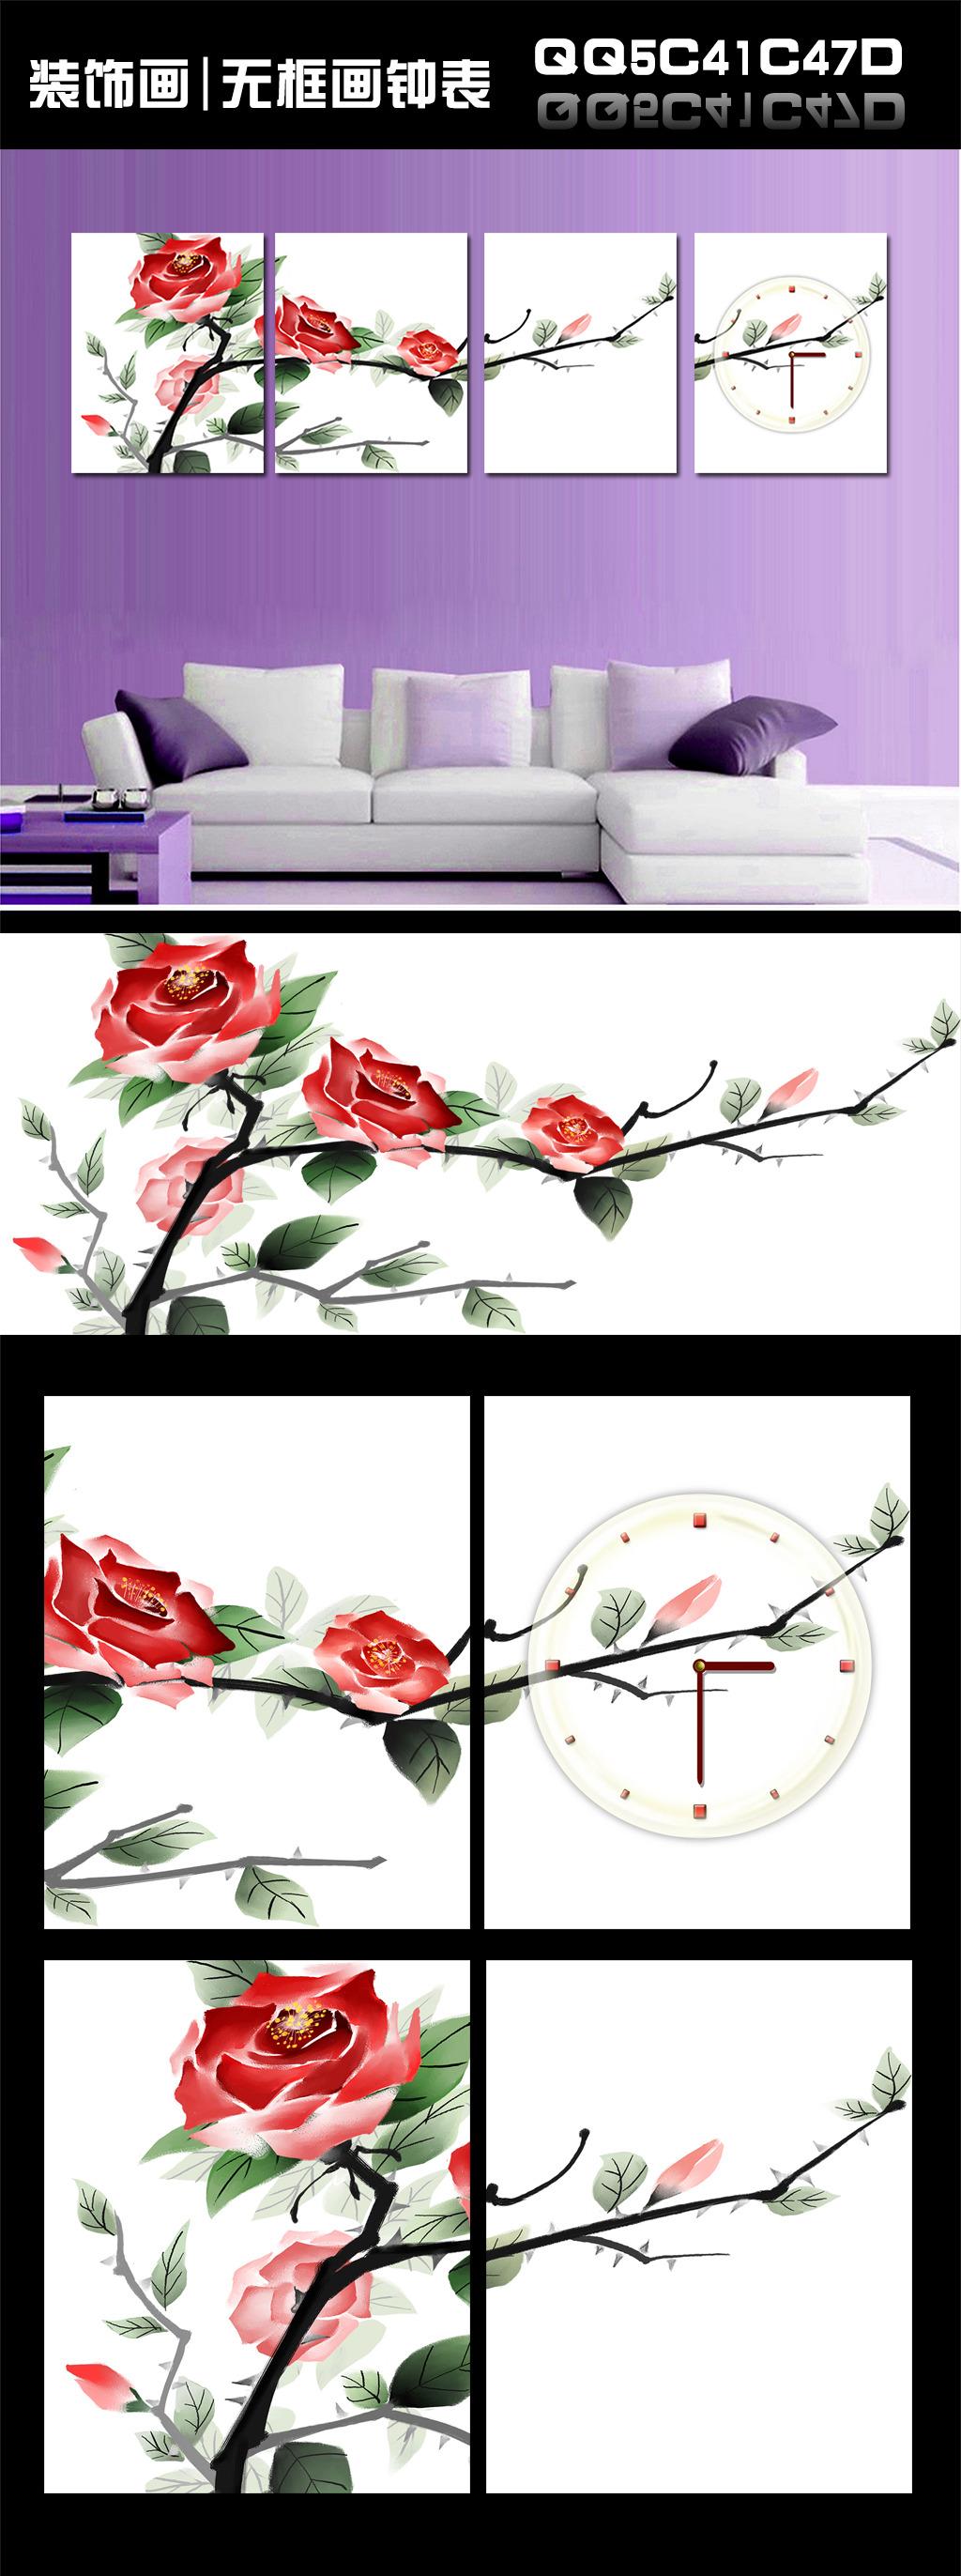 工笔手绘玫瑰花无框画挂钟